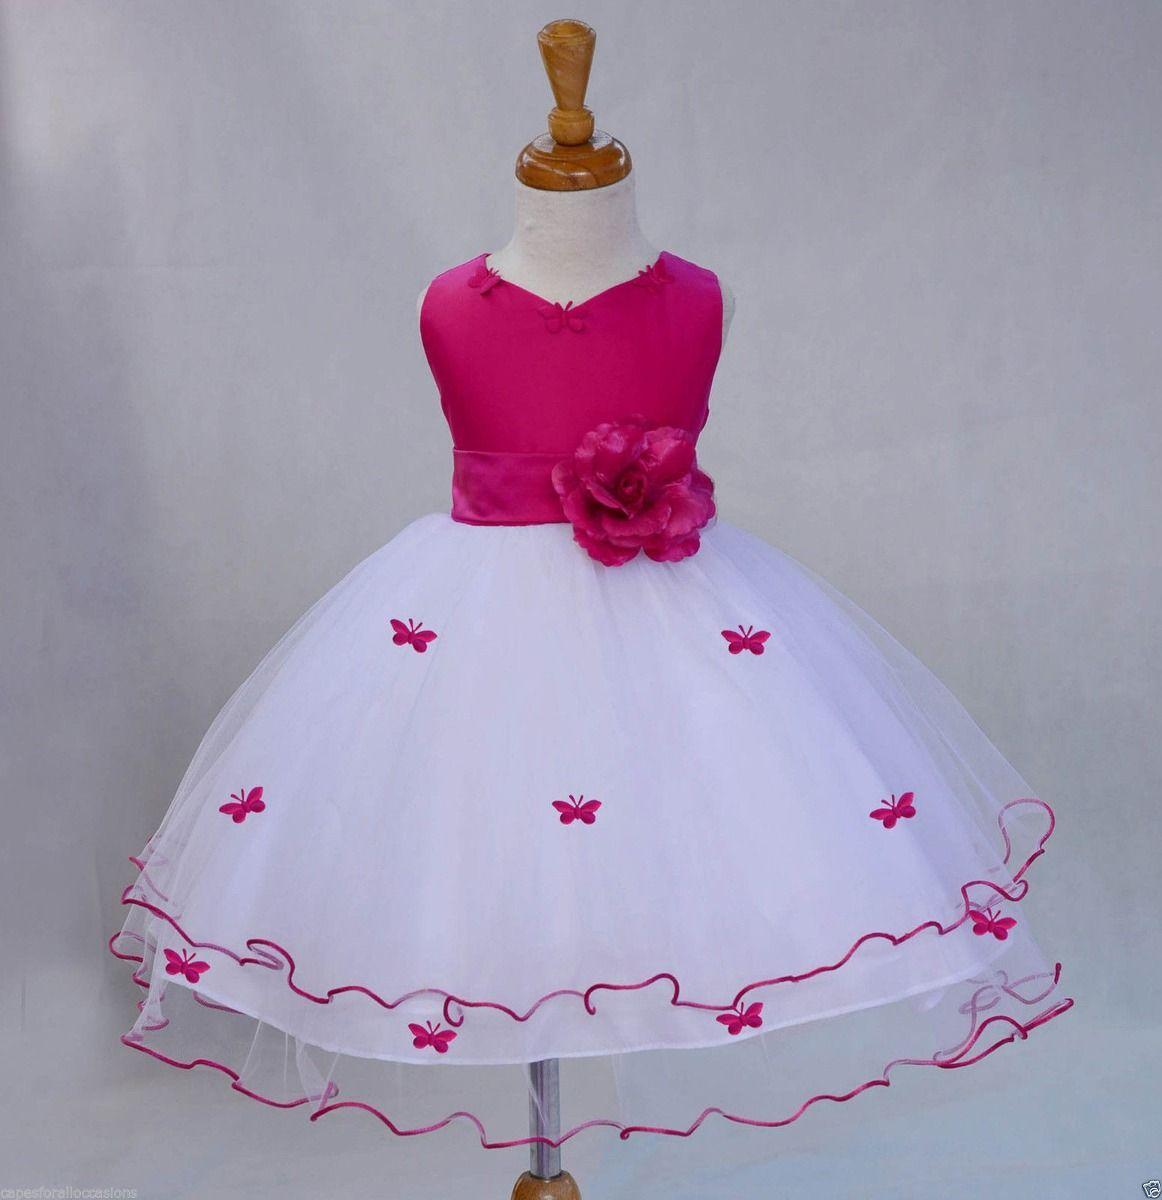 Imagenes de vestidos de fiesta para bebes